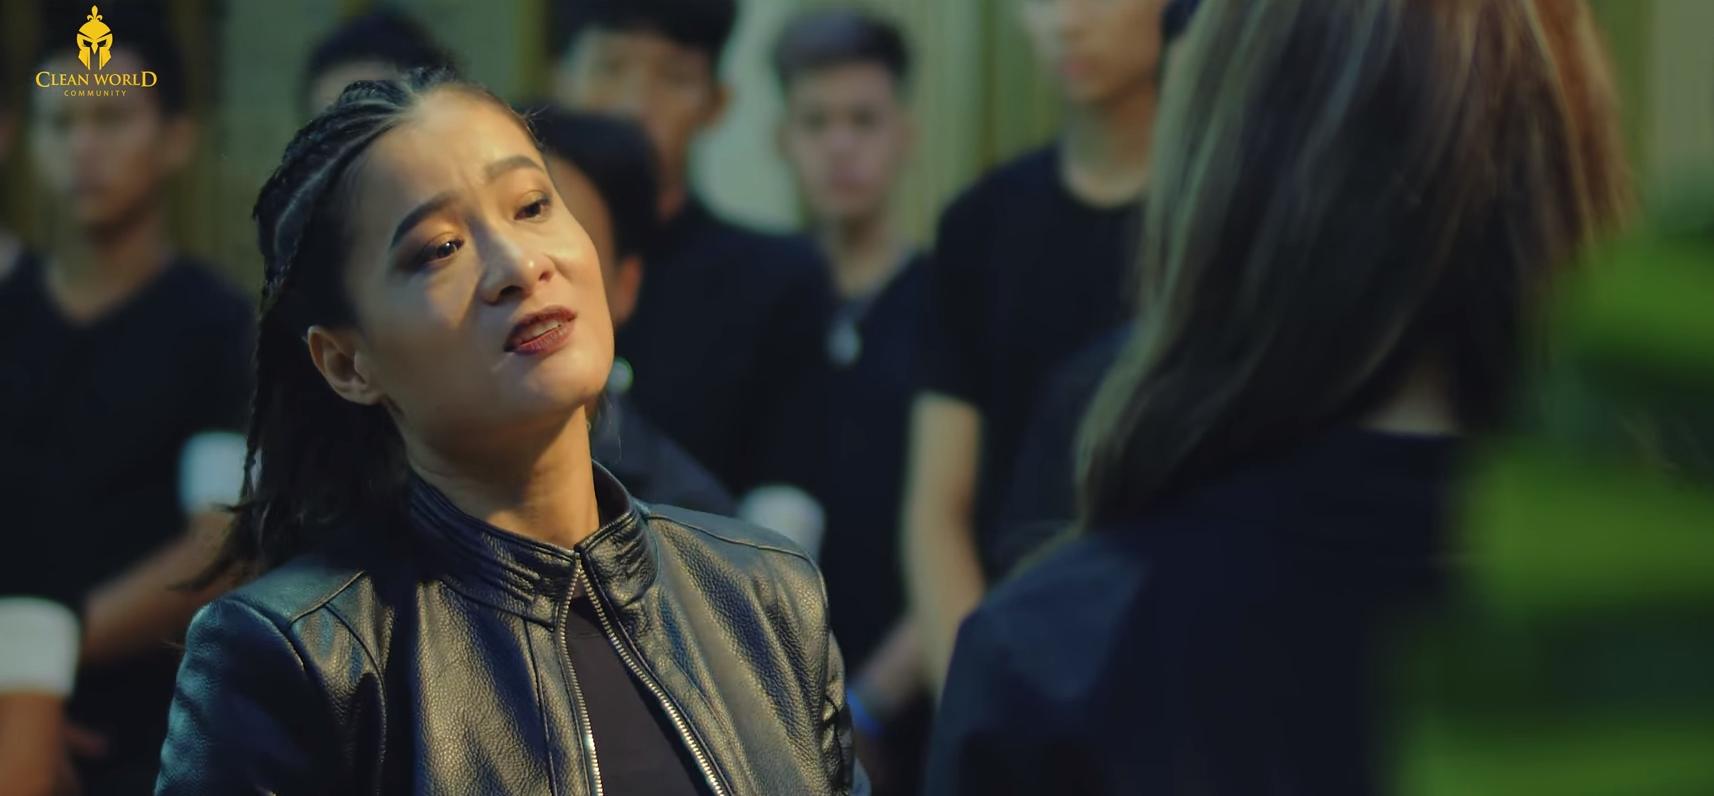 Web drama của Lâm Chấn Khang vừa hạ bệ Sơn Tùng: Đánh đấm như... siêu anh hùng, có cả màn tái sinh cực lầy - Ảnh 14.